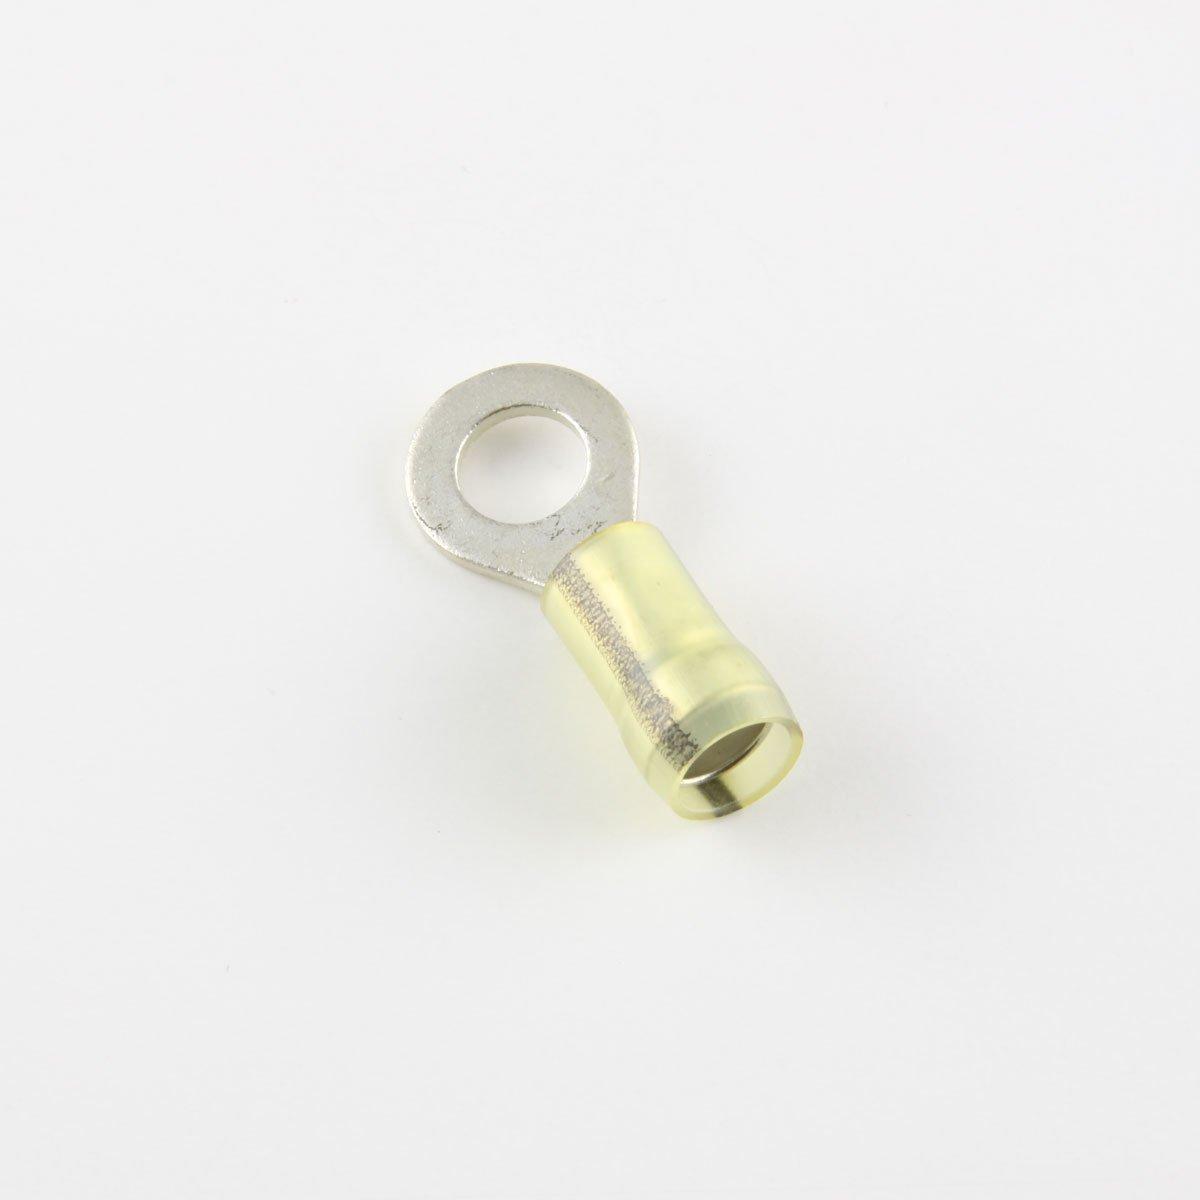 16-12 Ga. Heavy Duty Nylon-Insulated Ring Terminals, 1/4